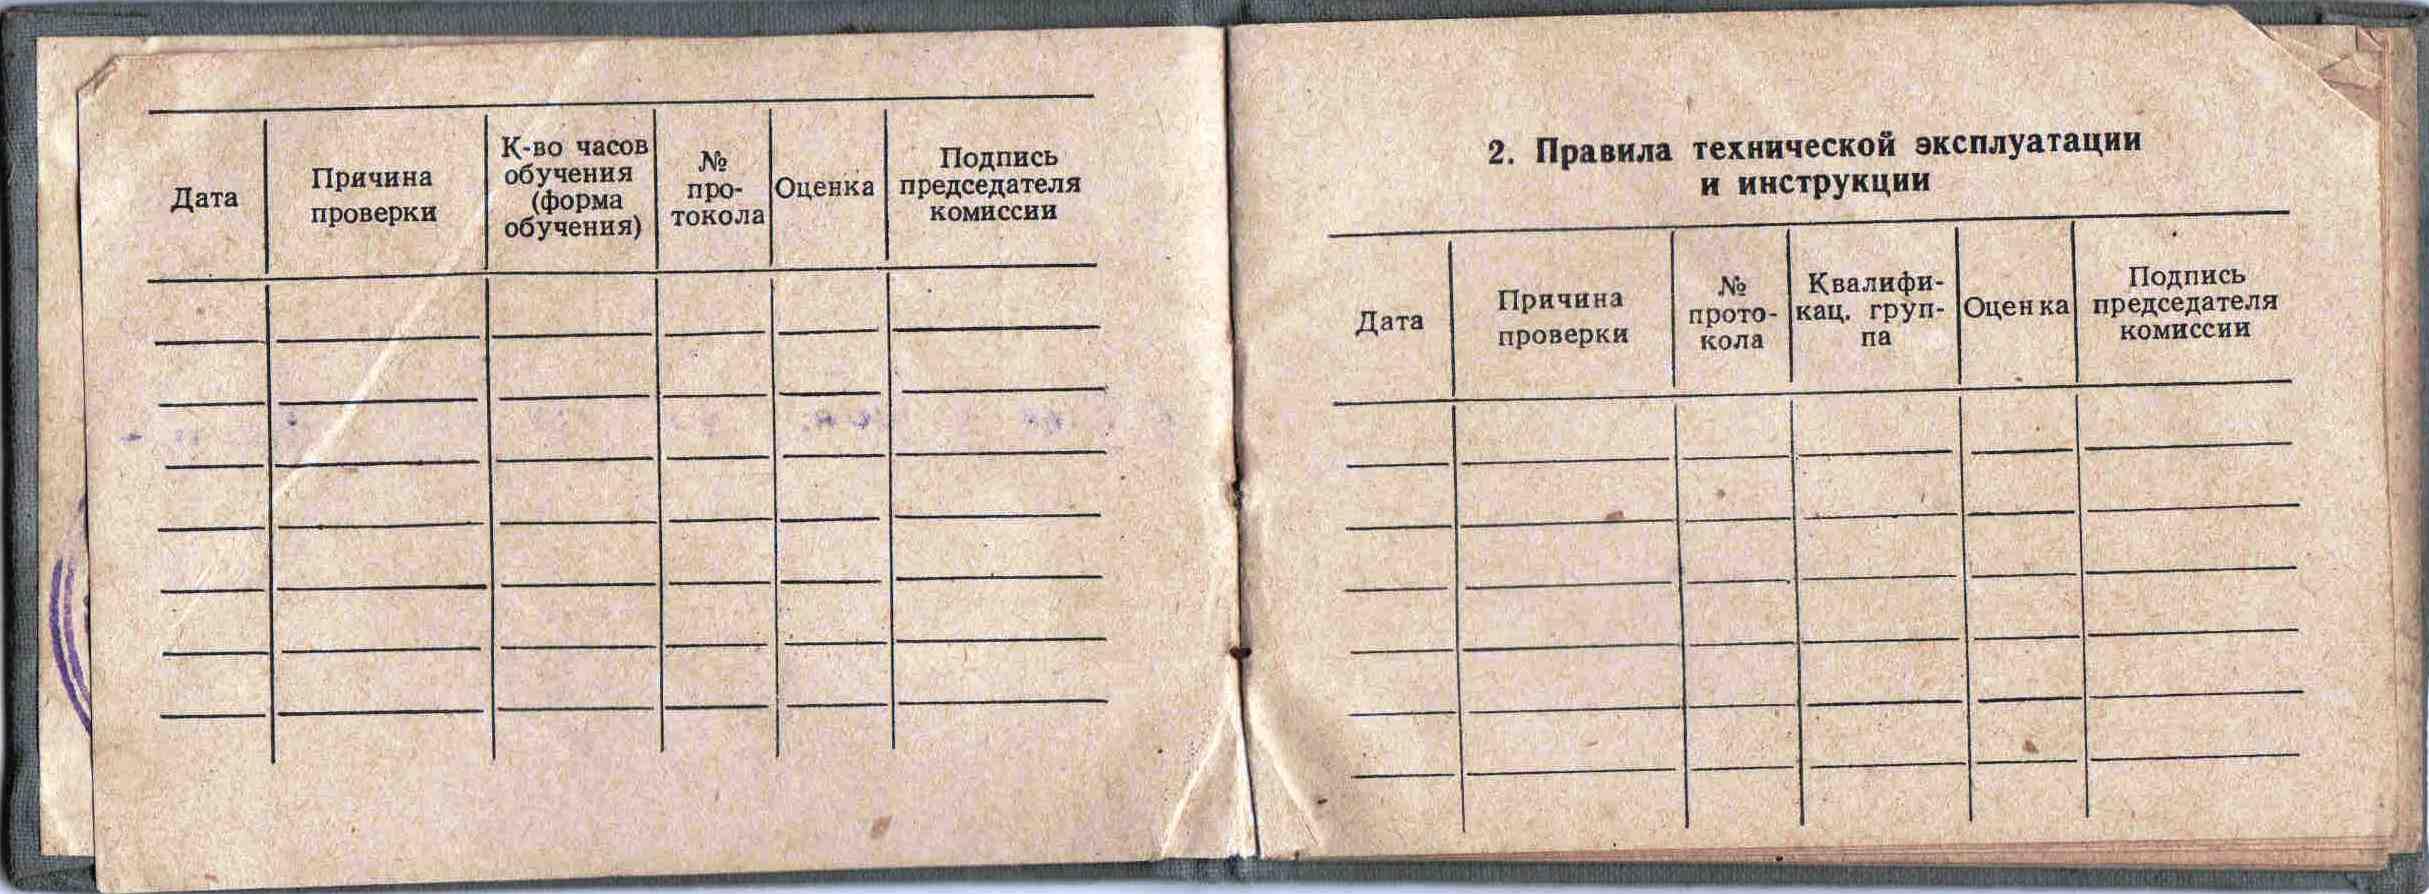 17. Удостоверение вальщика леса бензопилой Дружба, 1960 г.